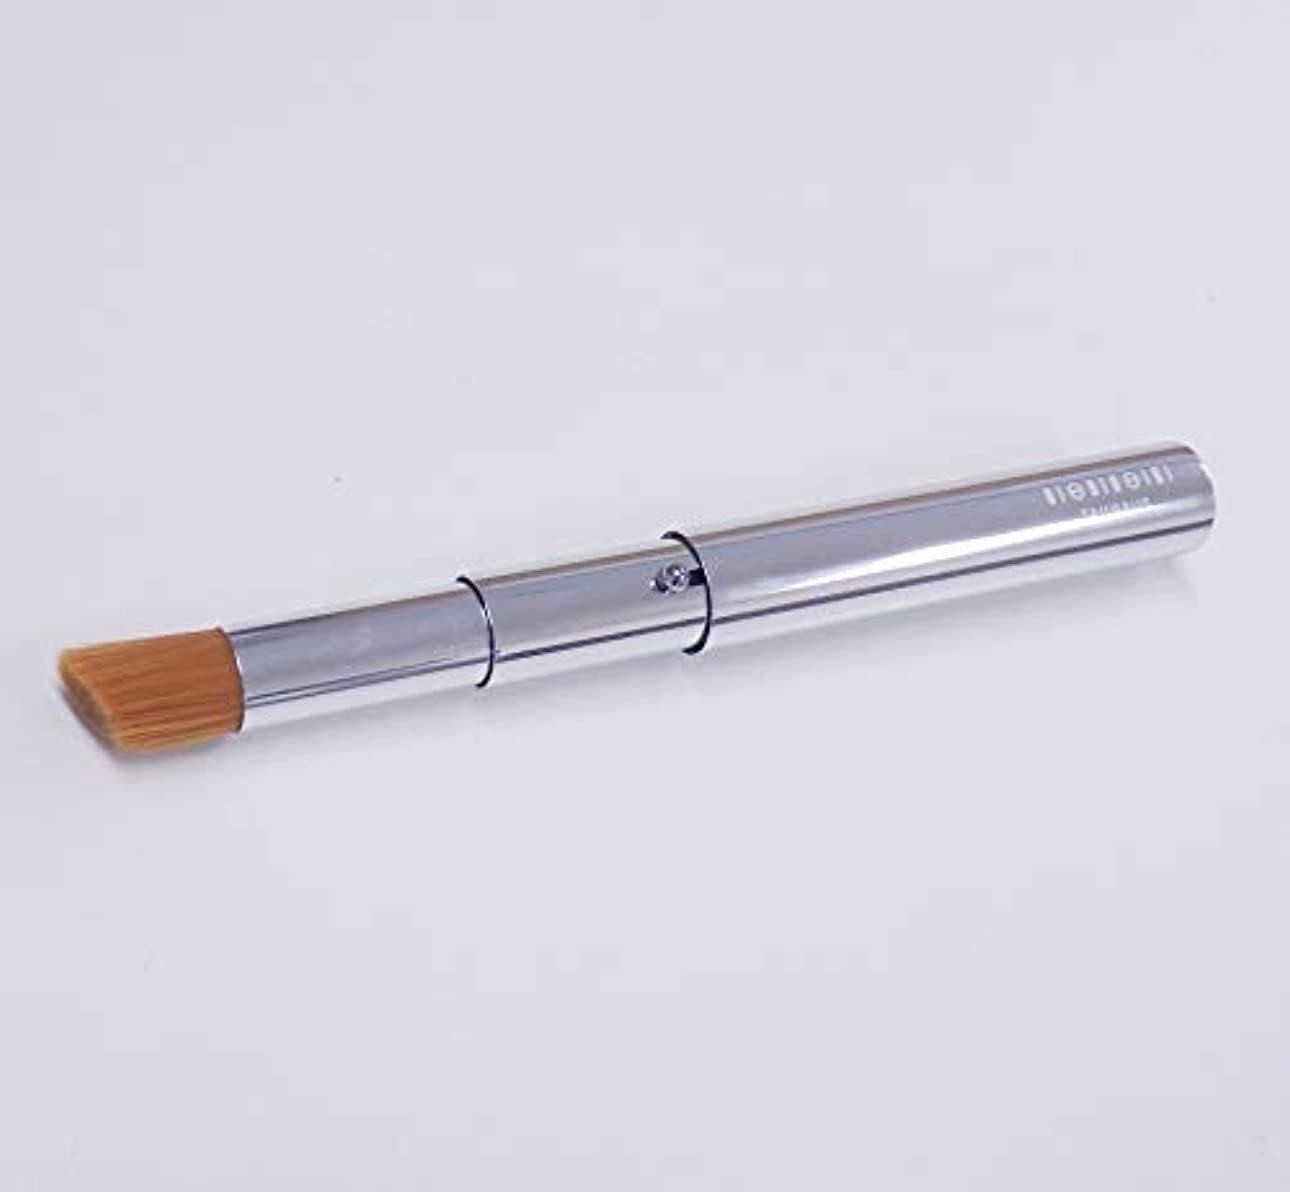 贅沢フォーマット十携帯用コンシーラーブラシ(シルバー/ナイロン)